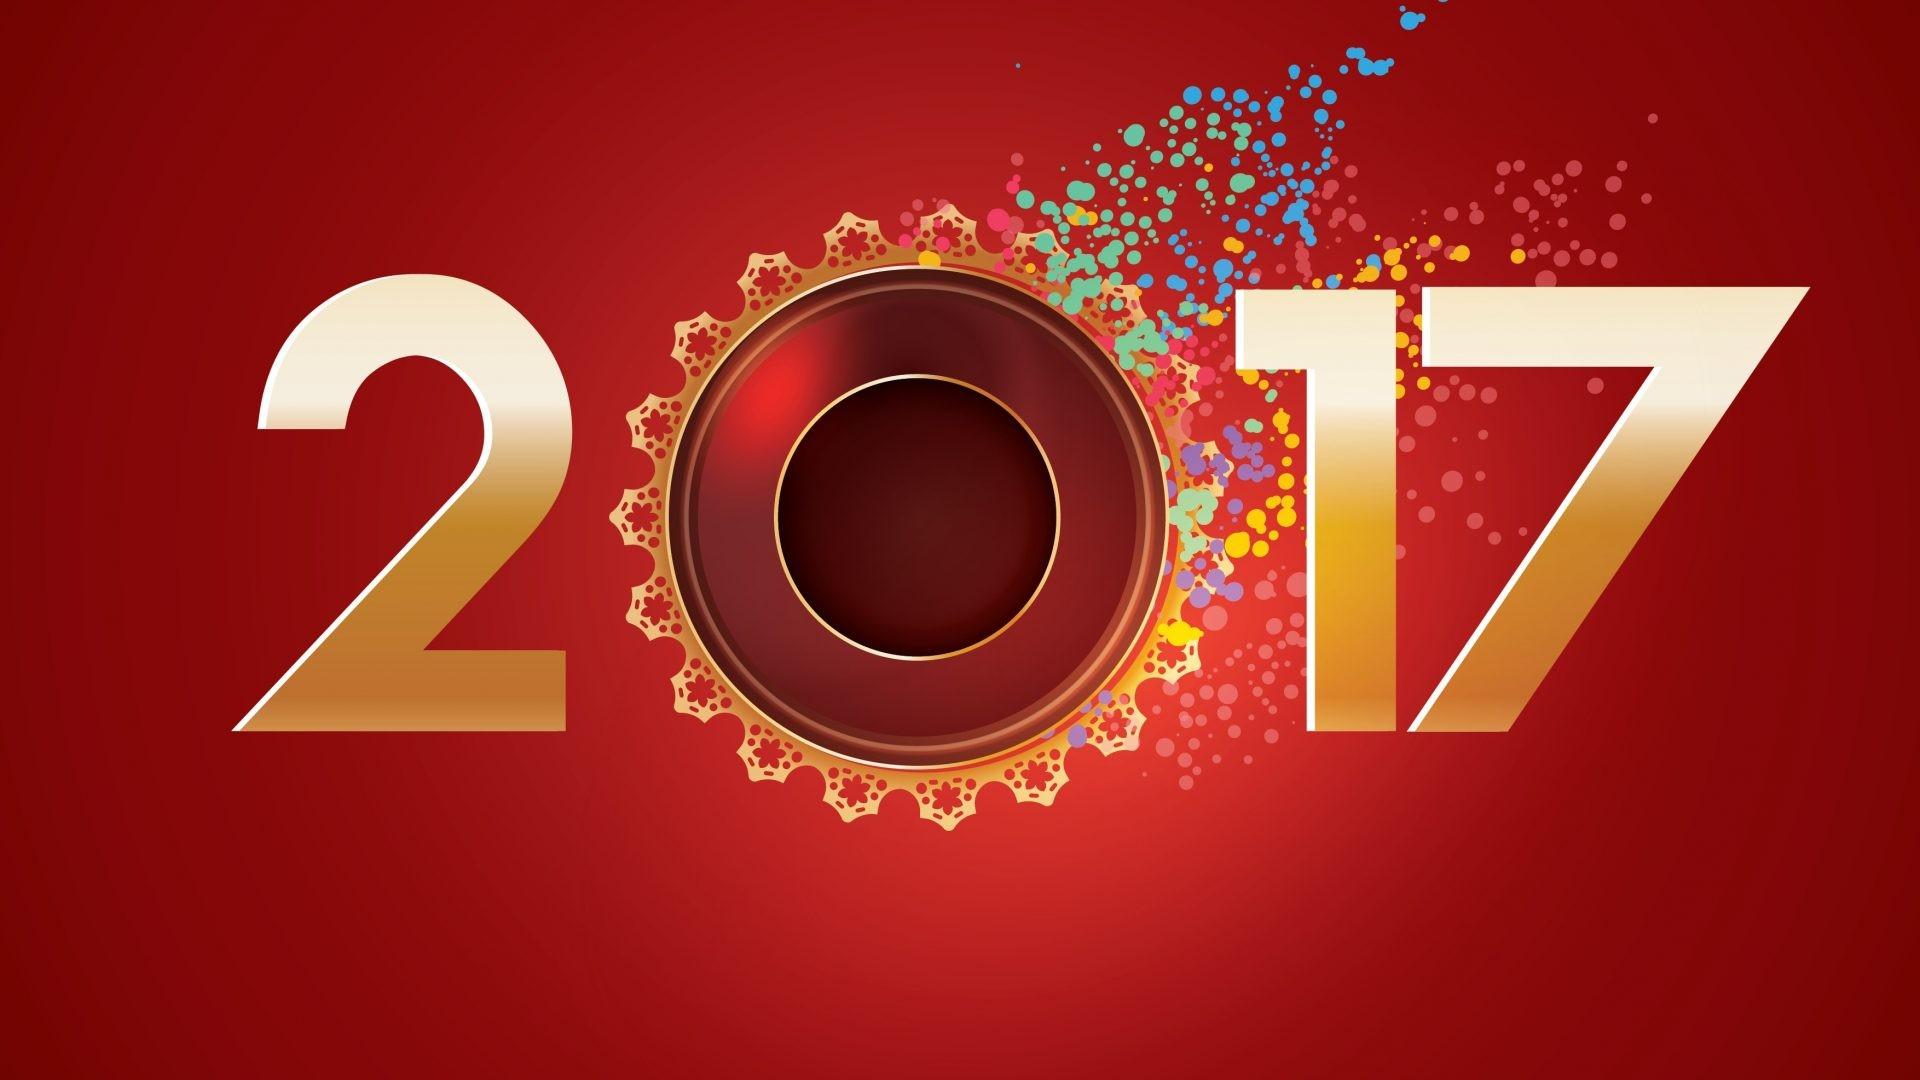 10 fonds d cran pour souhaiter une bonne ann e 2017 for Fond ecran hd pc 2016